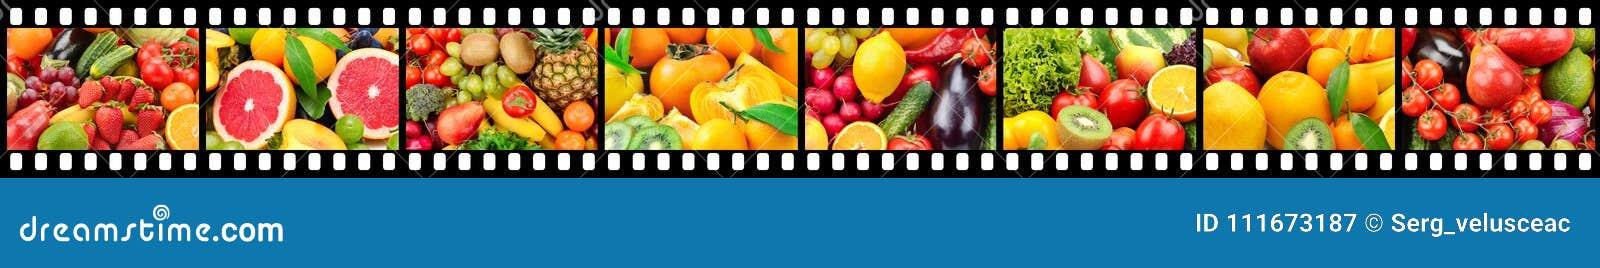 Bred ram i form av filmremsan med frukter och grönsaker